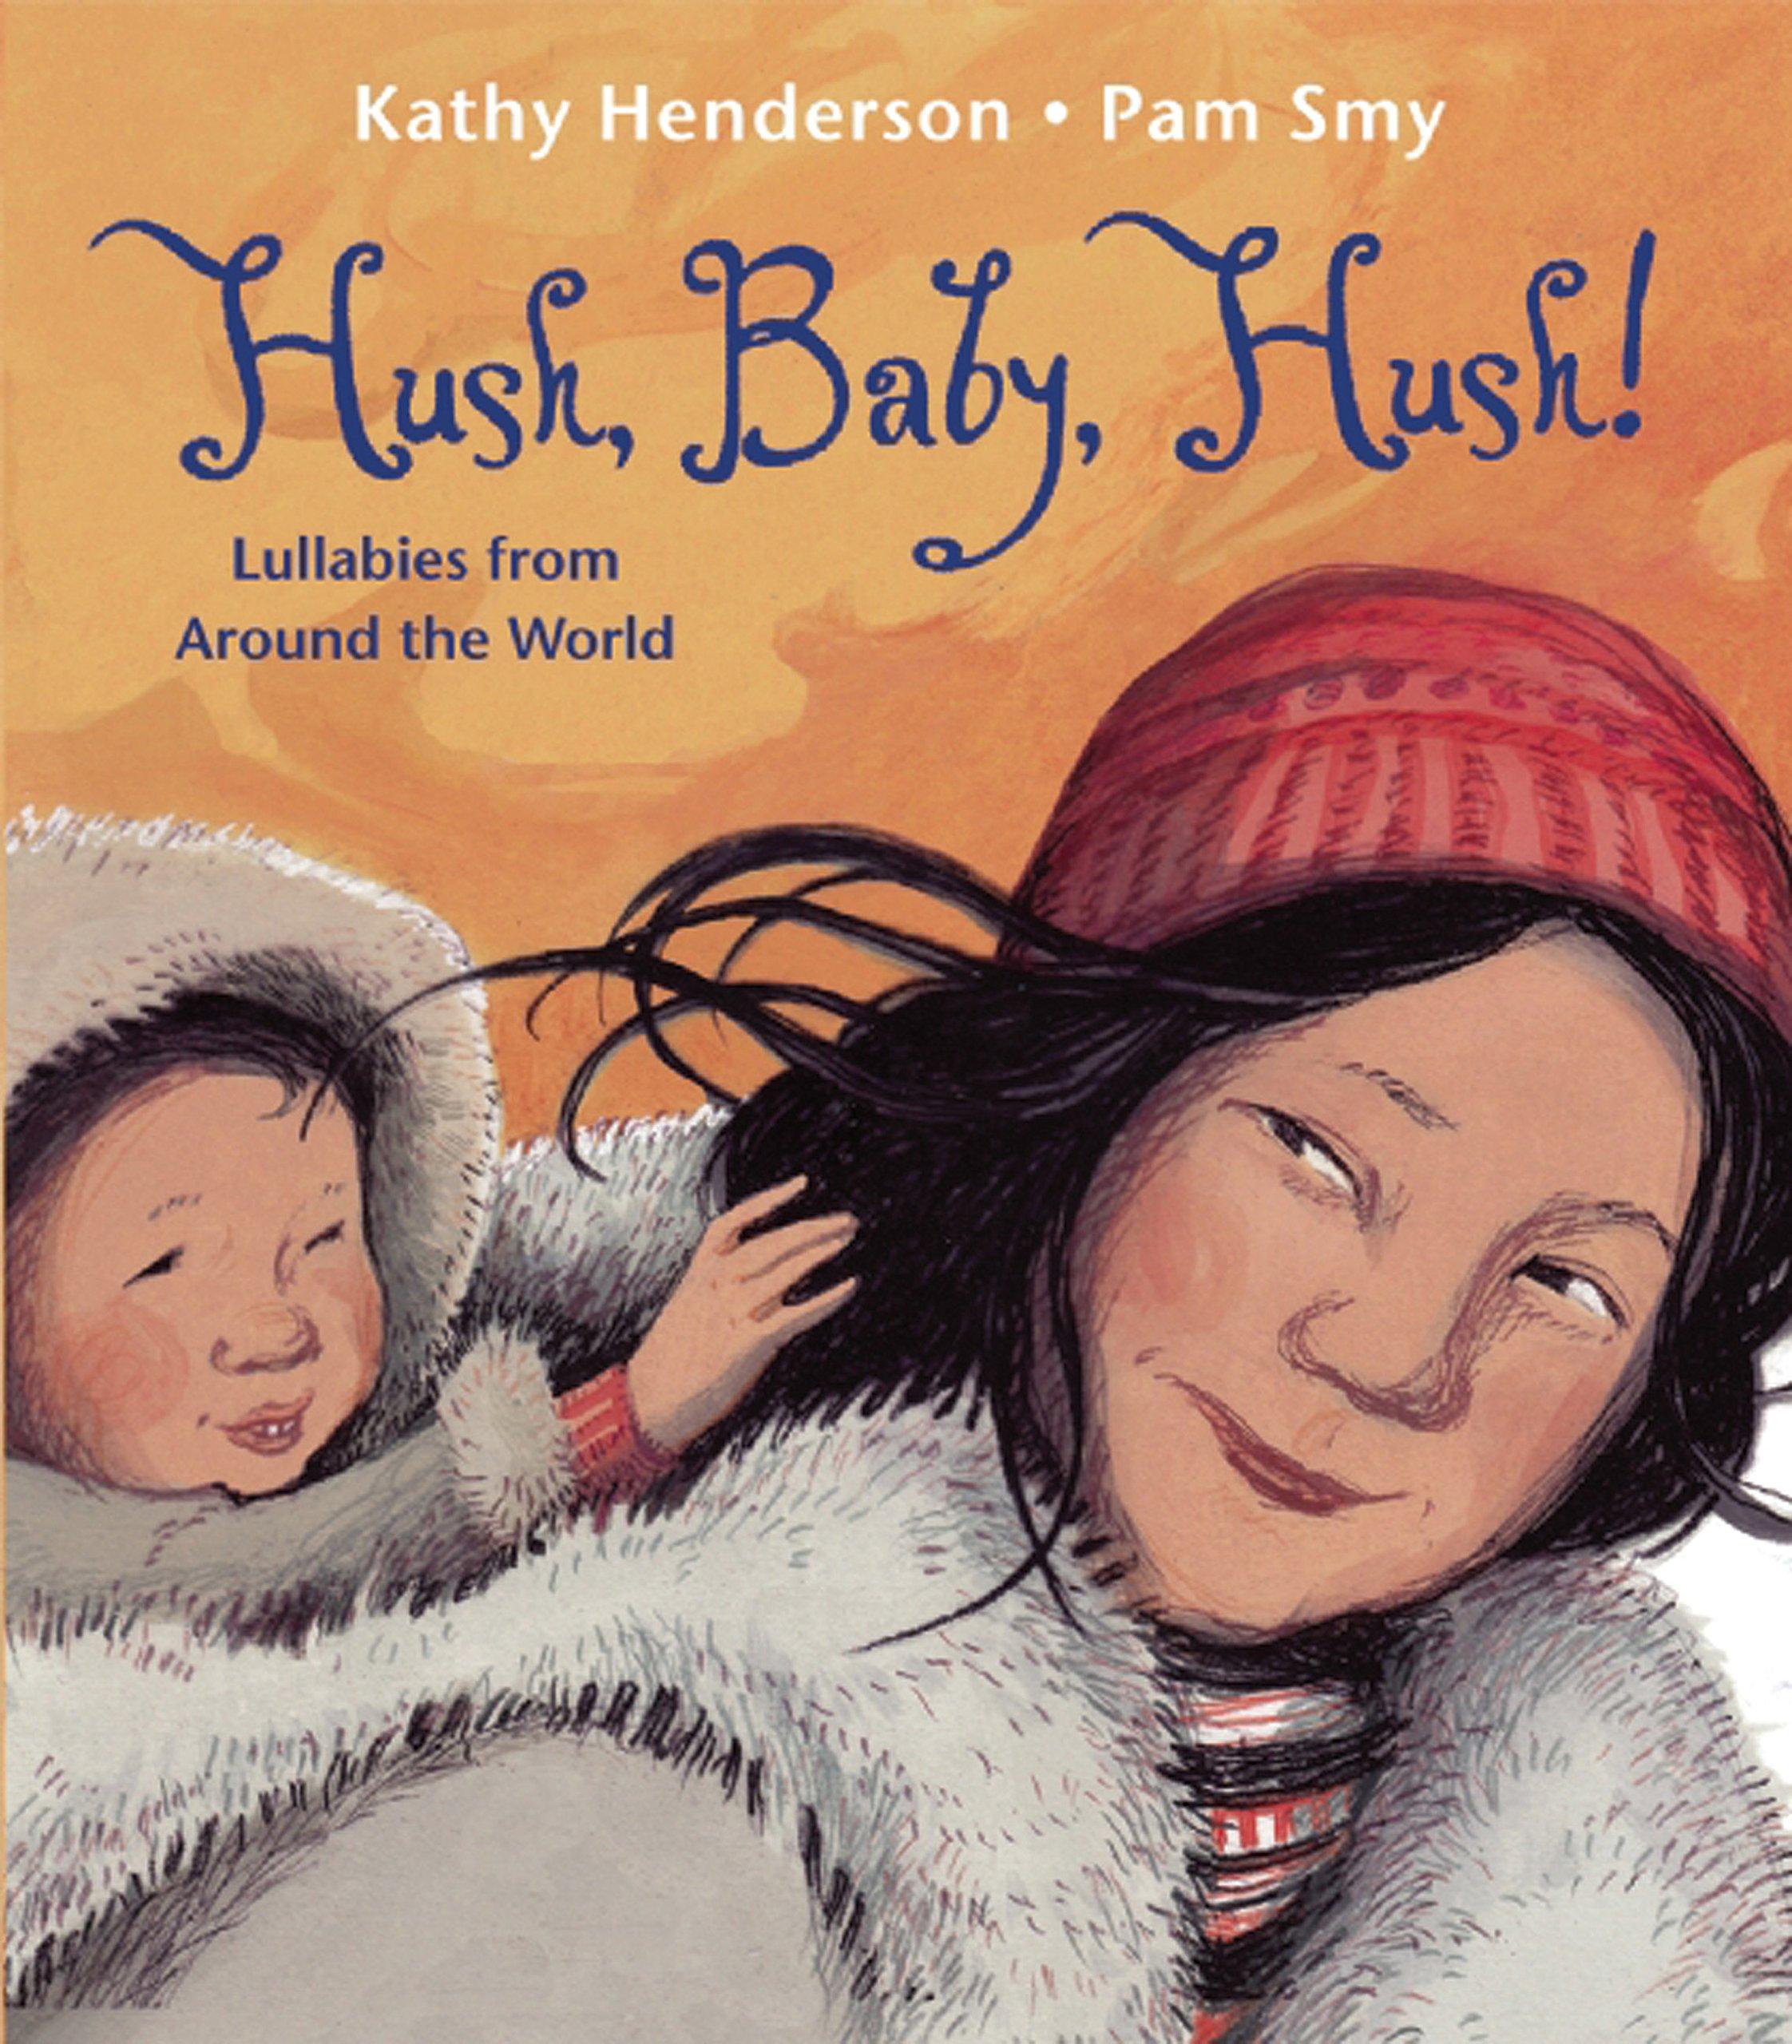 Amazon. Com: hush, baby, hush! : lullabies from around the world.